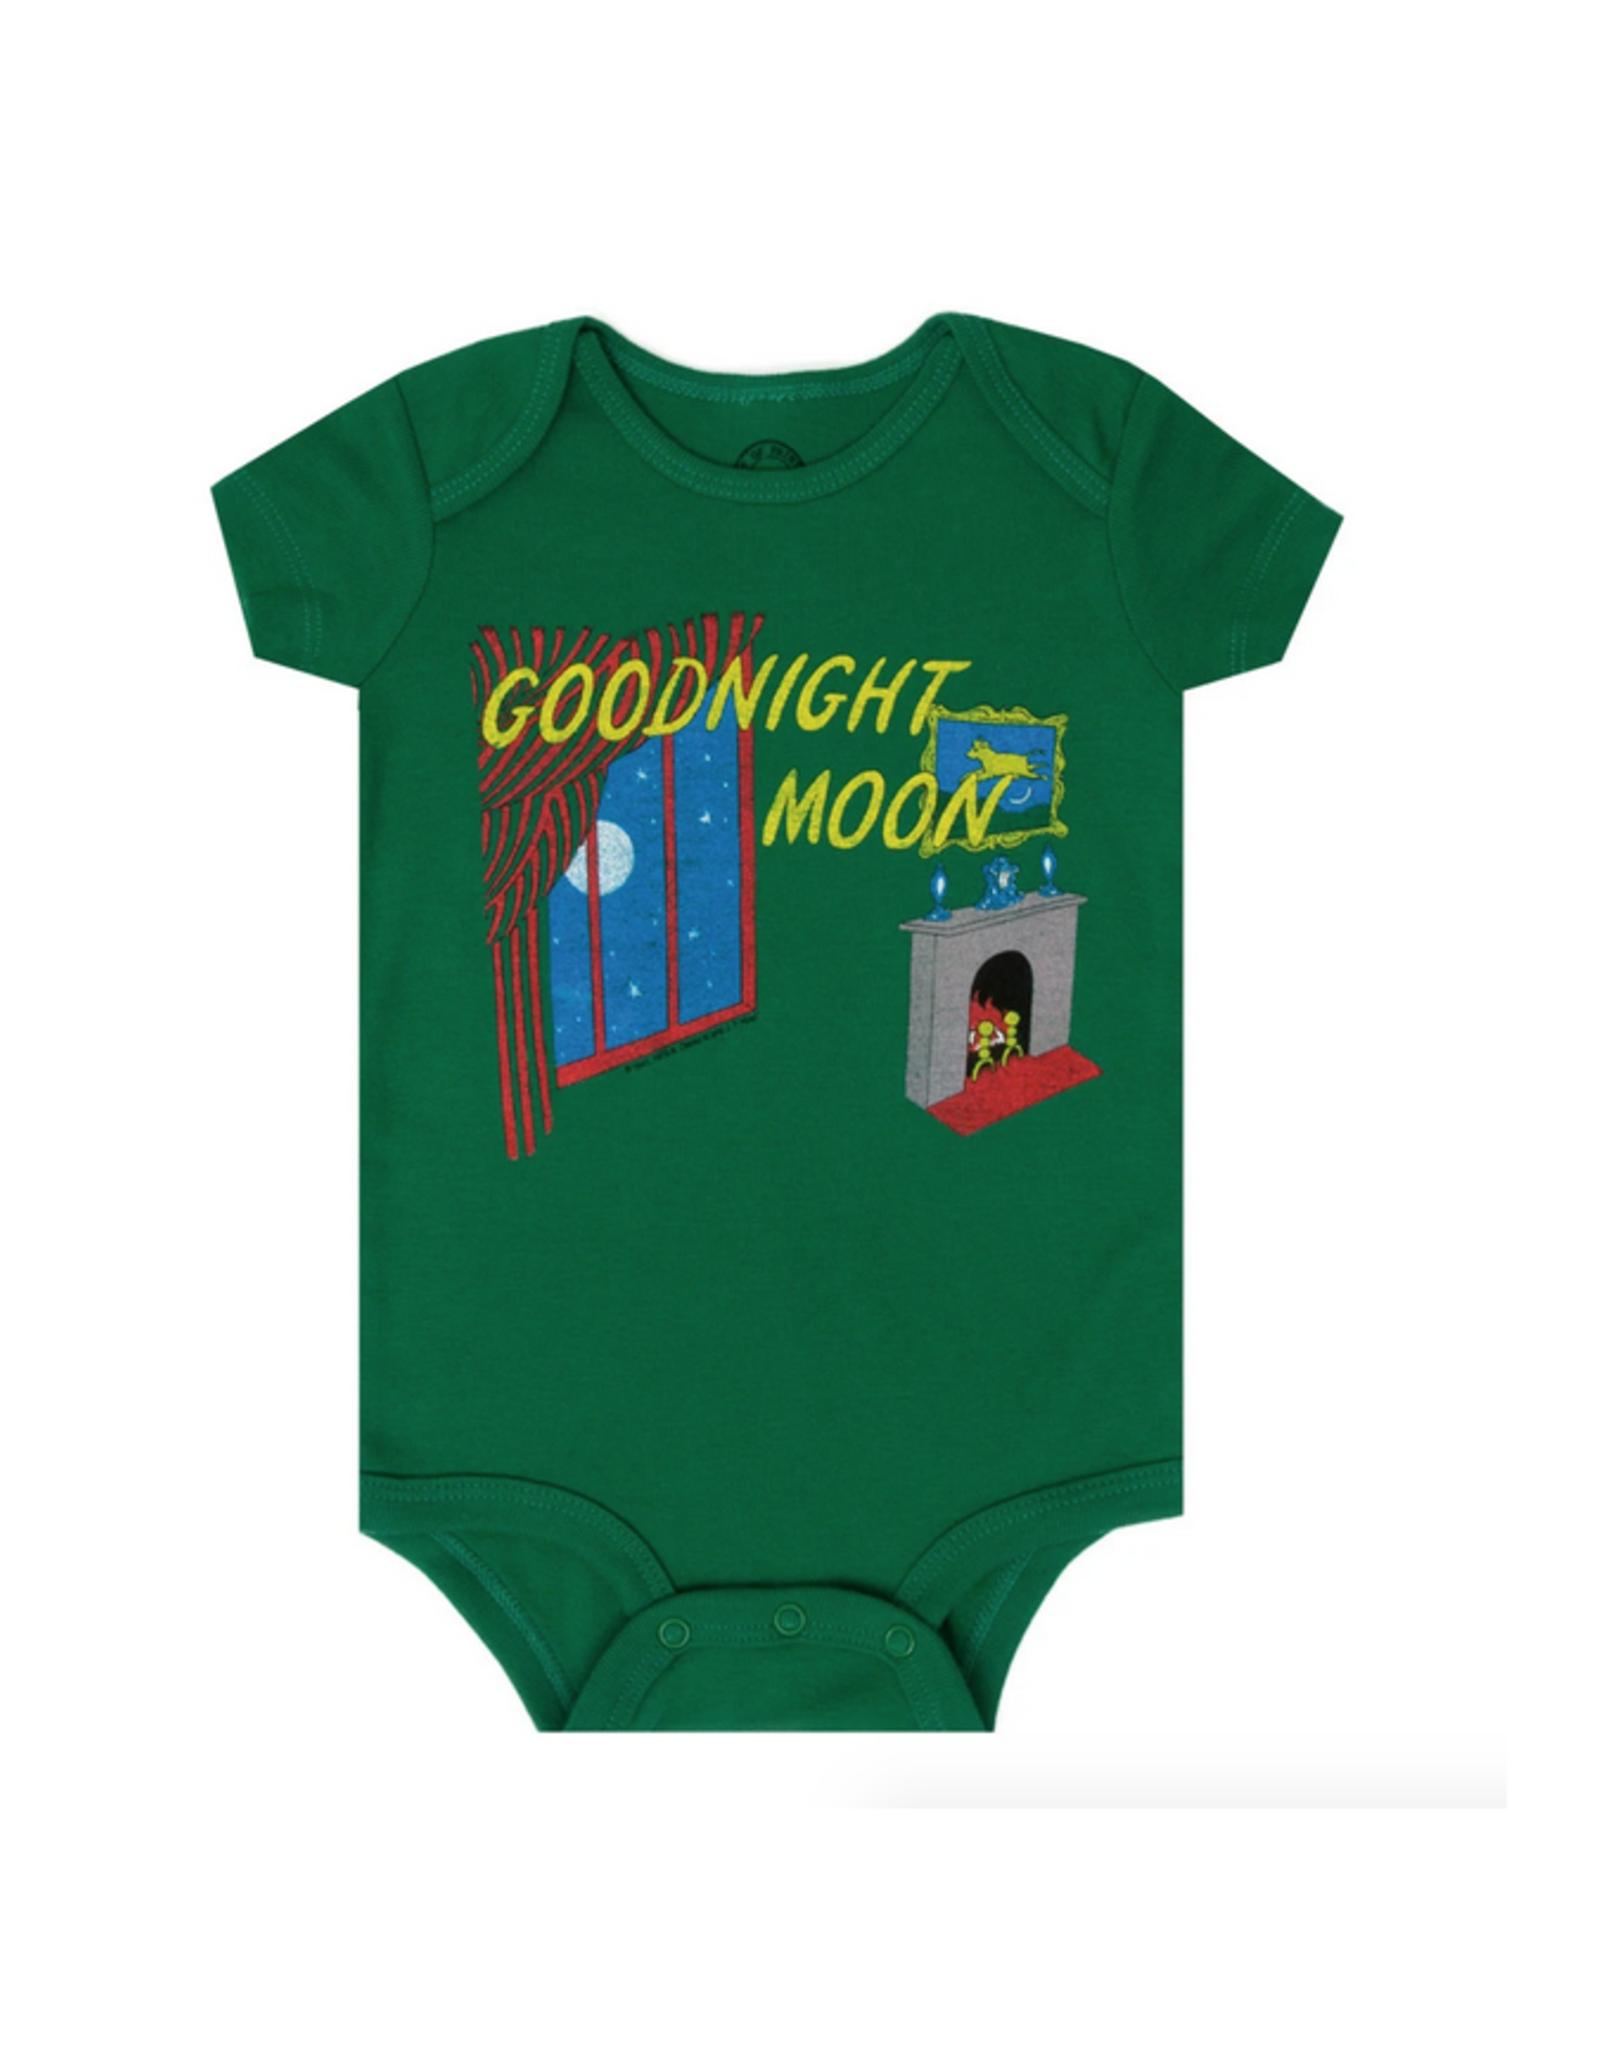 Goodnight Moon Onesie